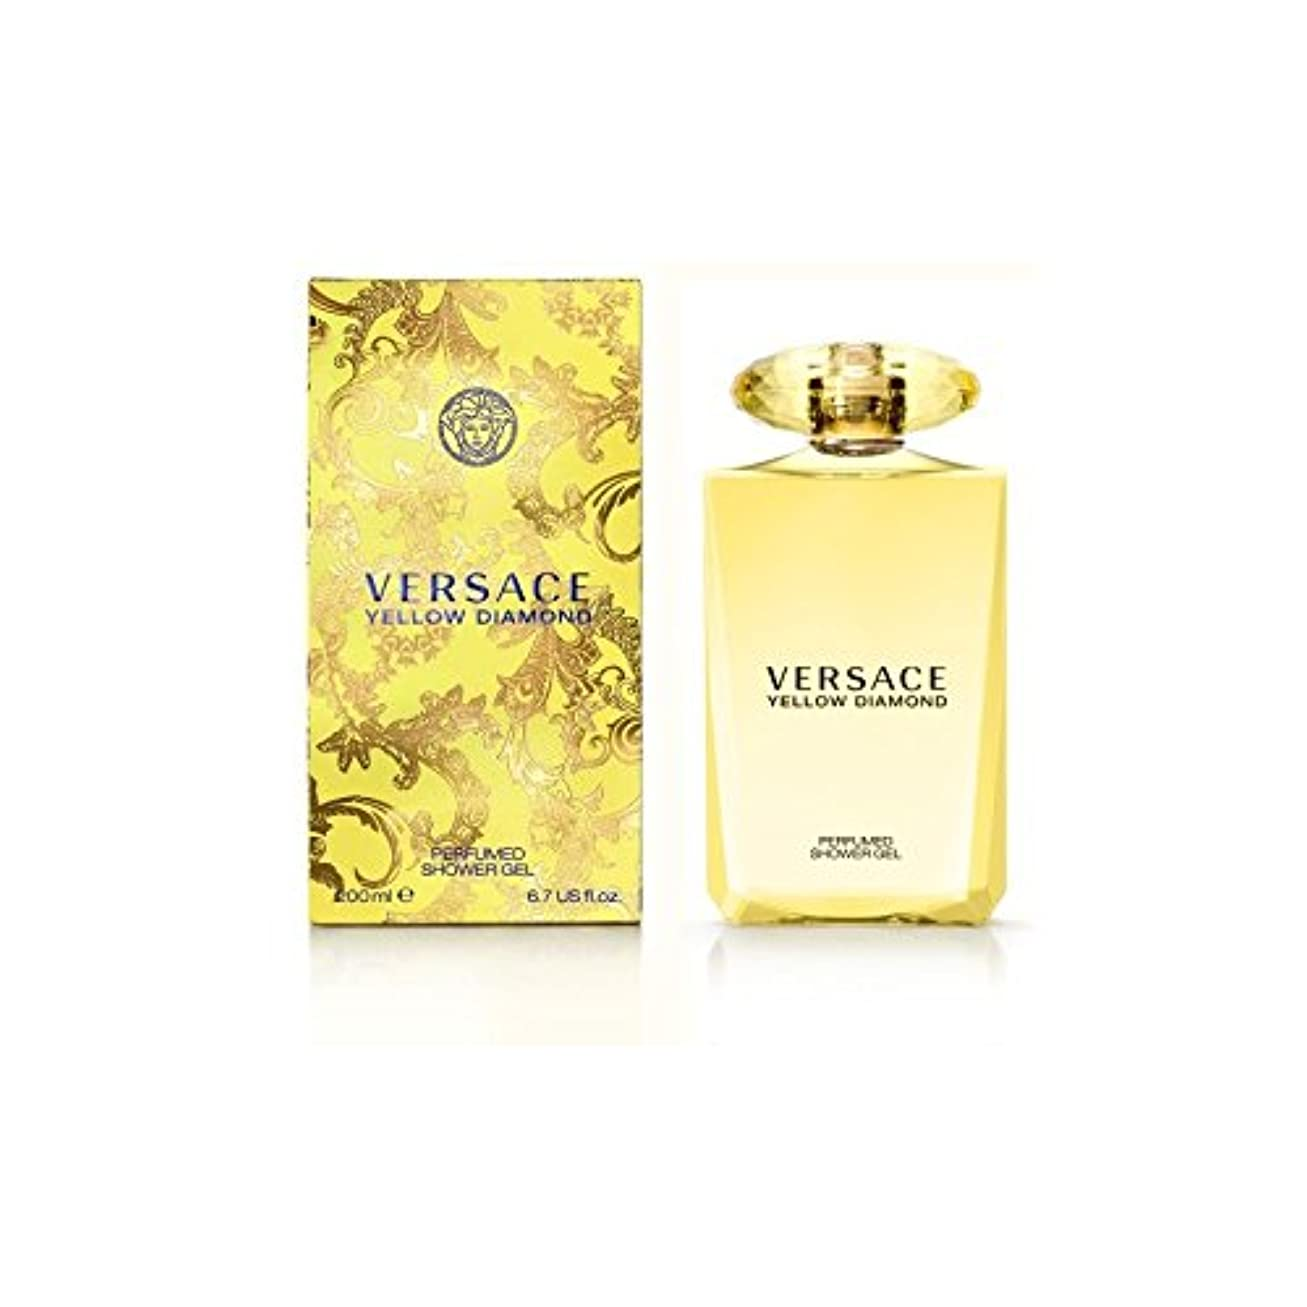 襟文明化する長方形ヴェルサーチ黄色のダイヤモンドバス&シャワージェル200 x2 - Versace Yellow Diamond Bath & Shower Gel 200ml (Pack of 2) [並行輸入品]